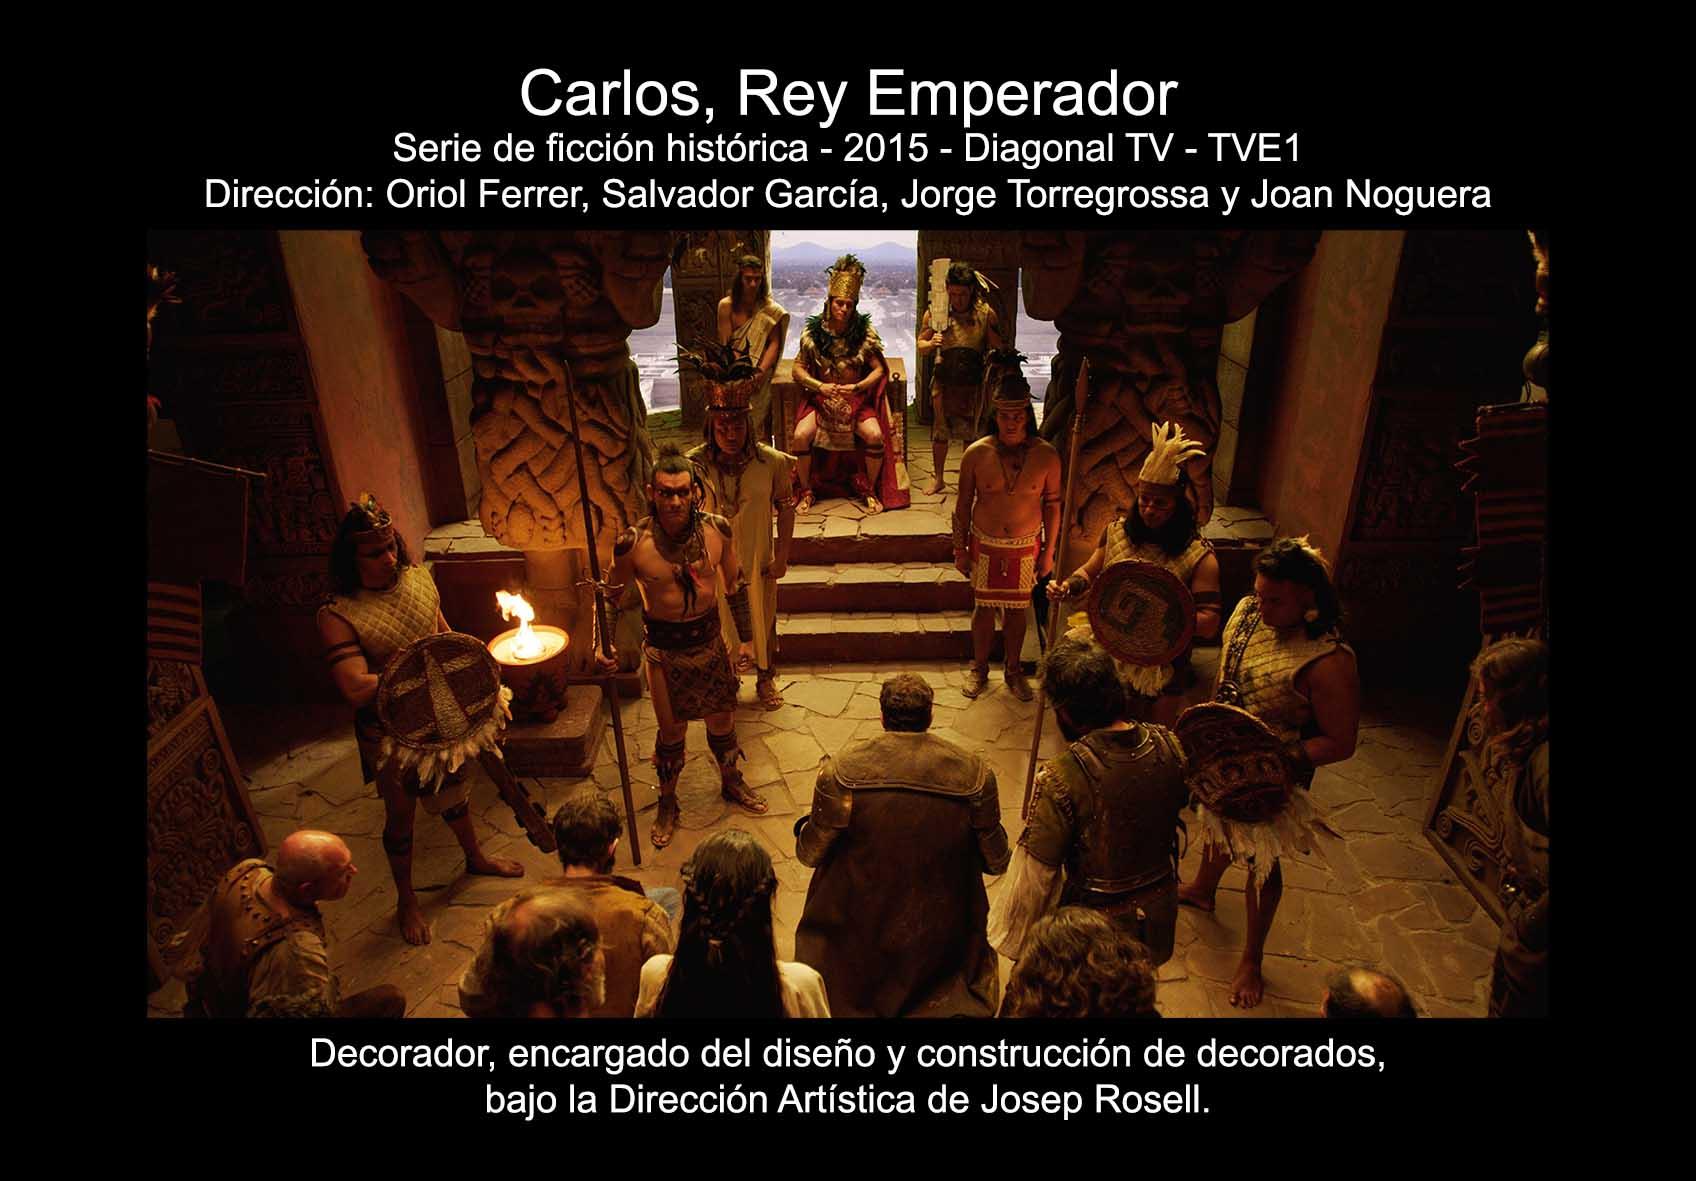 david-temprano-71-carlos-rey-emperador-1